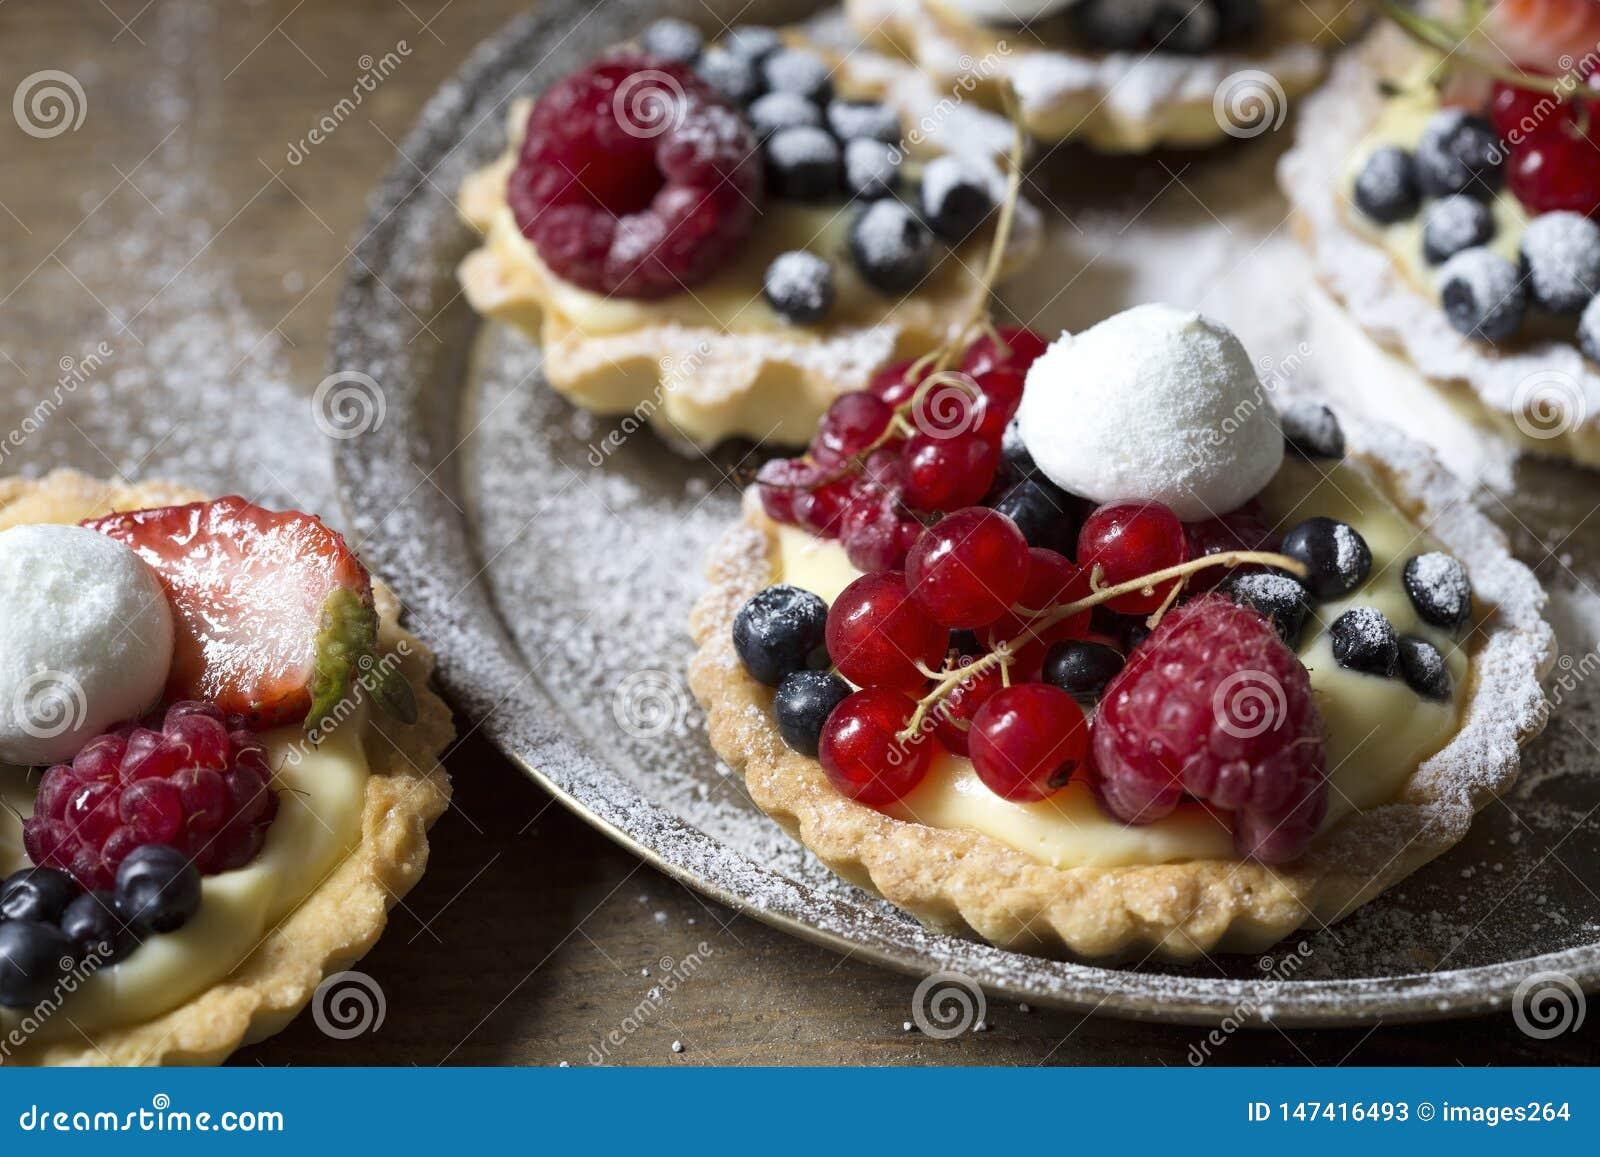 Smakelijk gebakje met vruchten